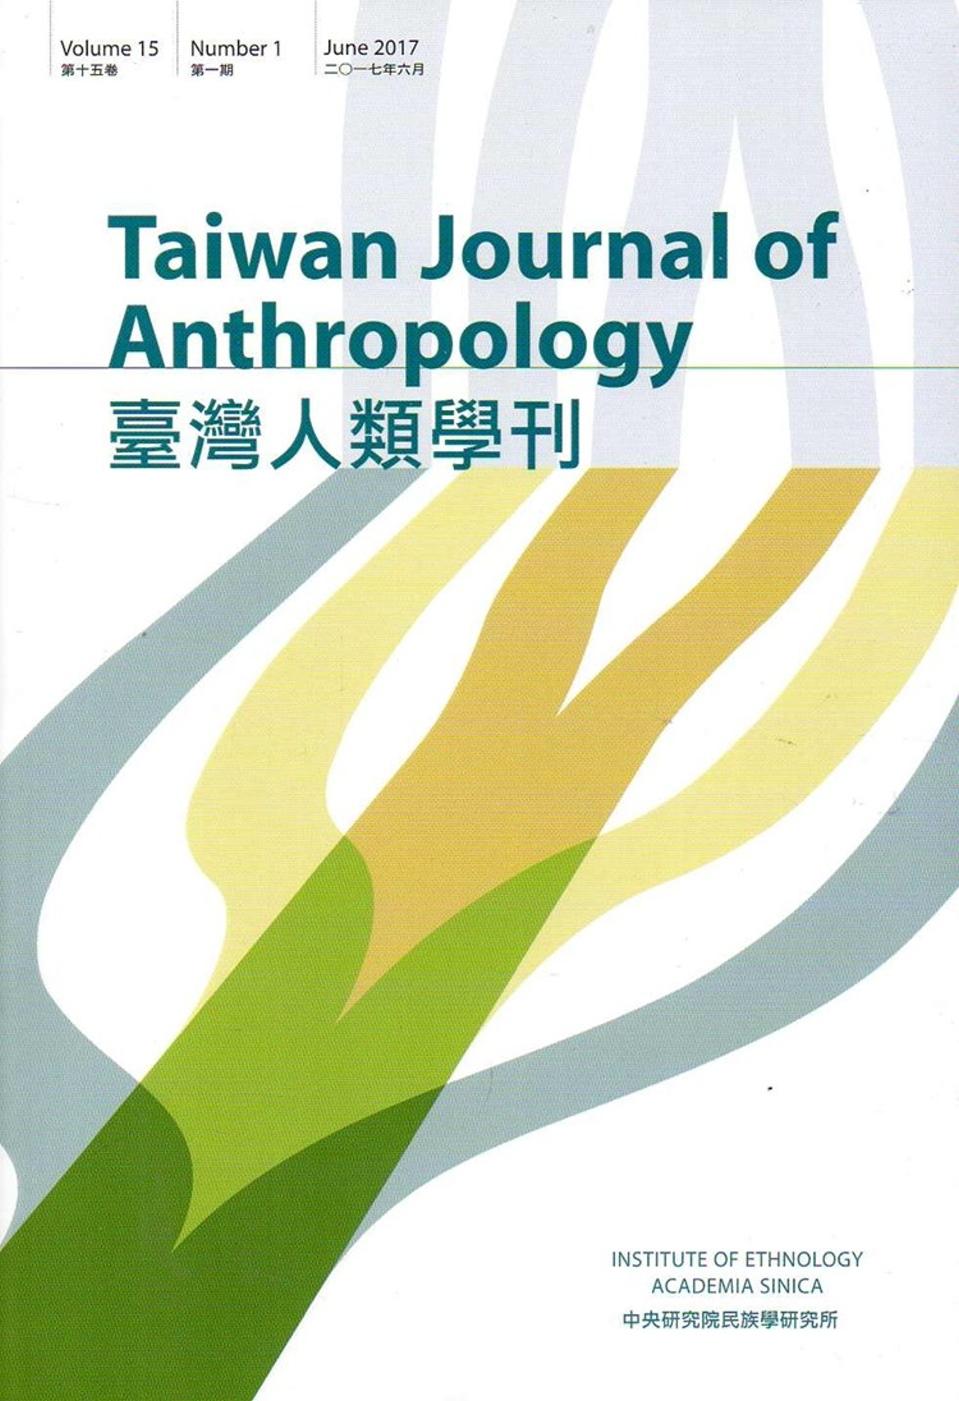 臺灣人類學刊15卷1期(2017.06)